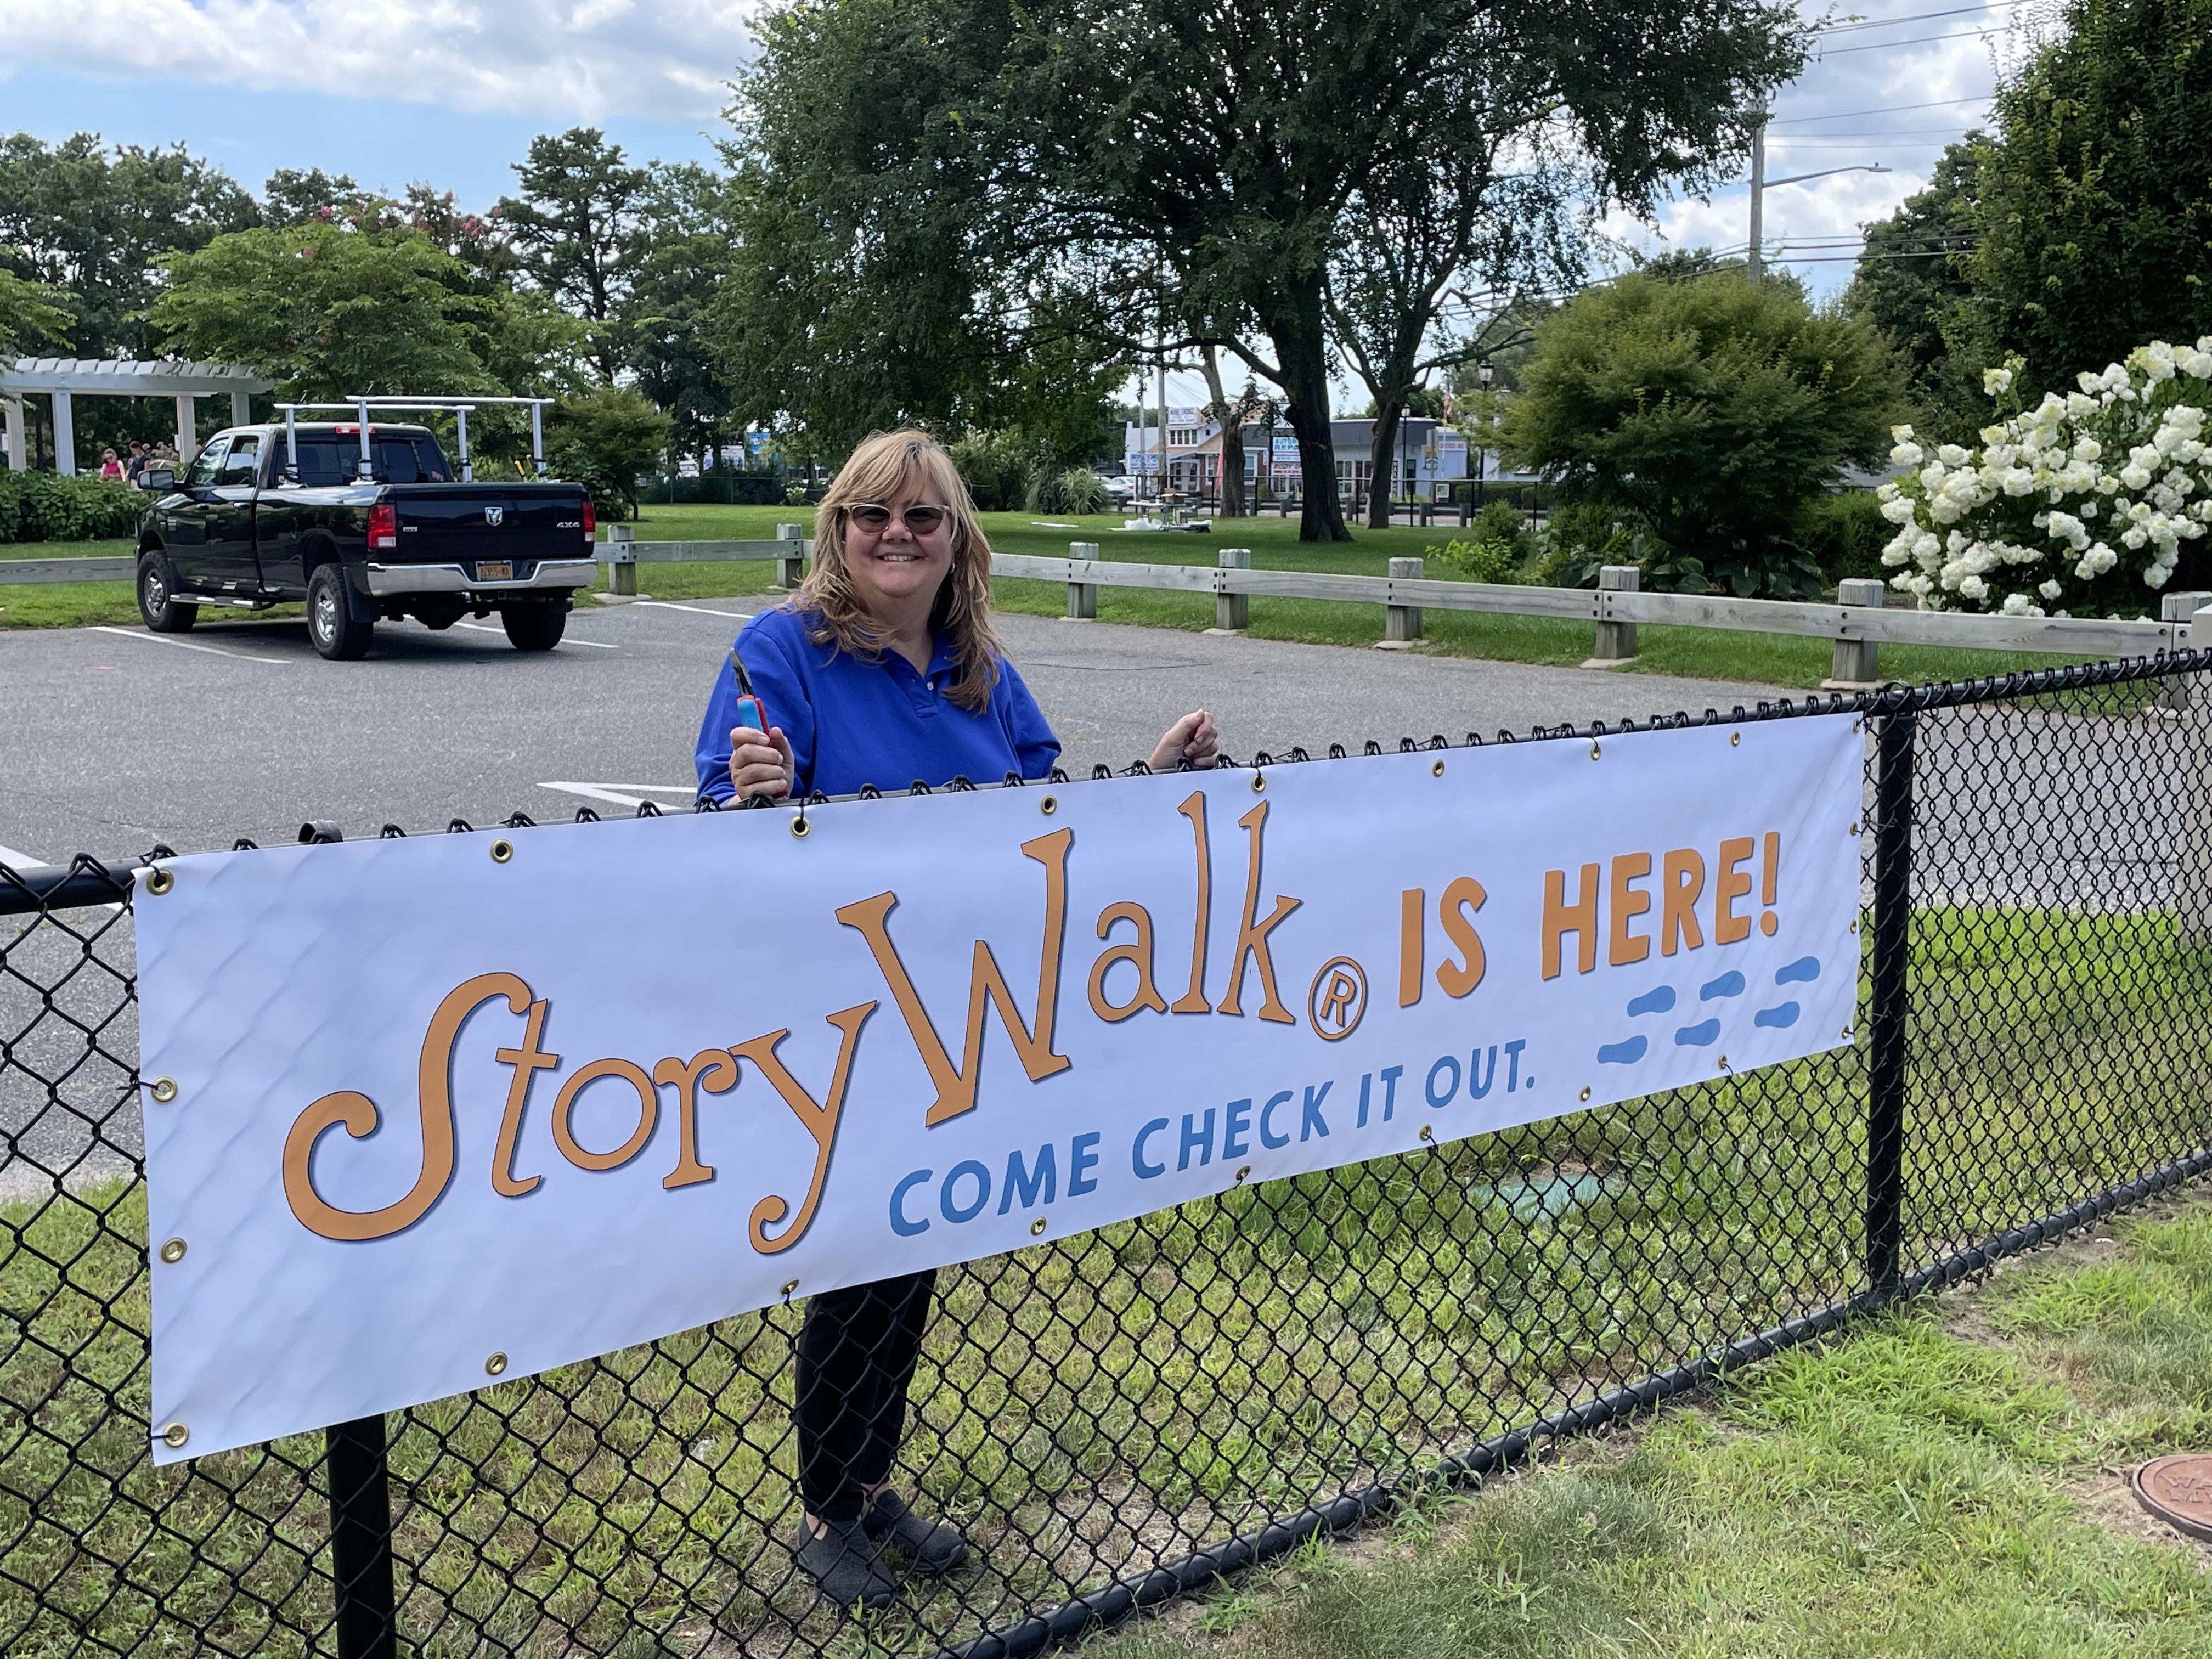 Storywalk at Sean Dixon Memorial Park